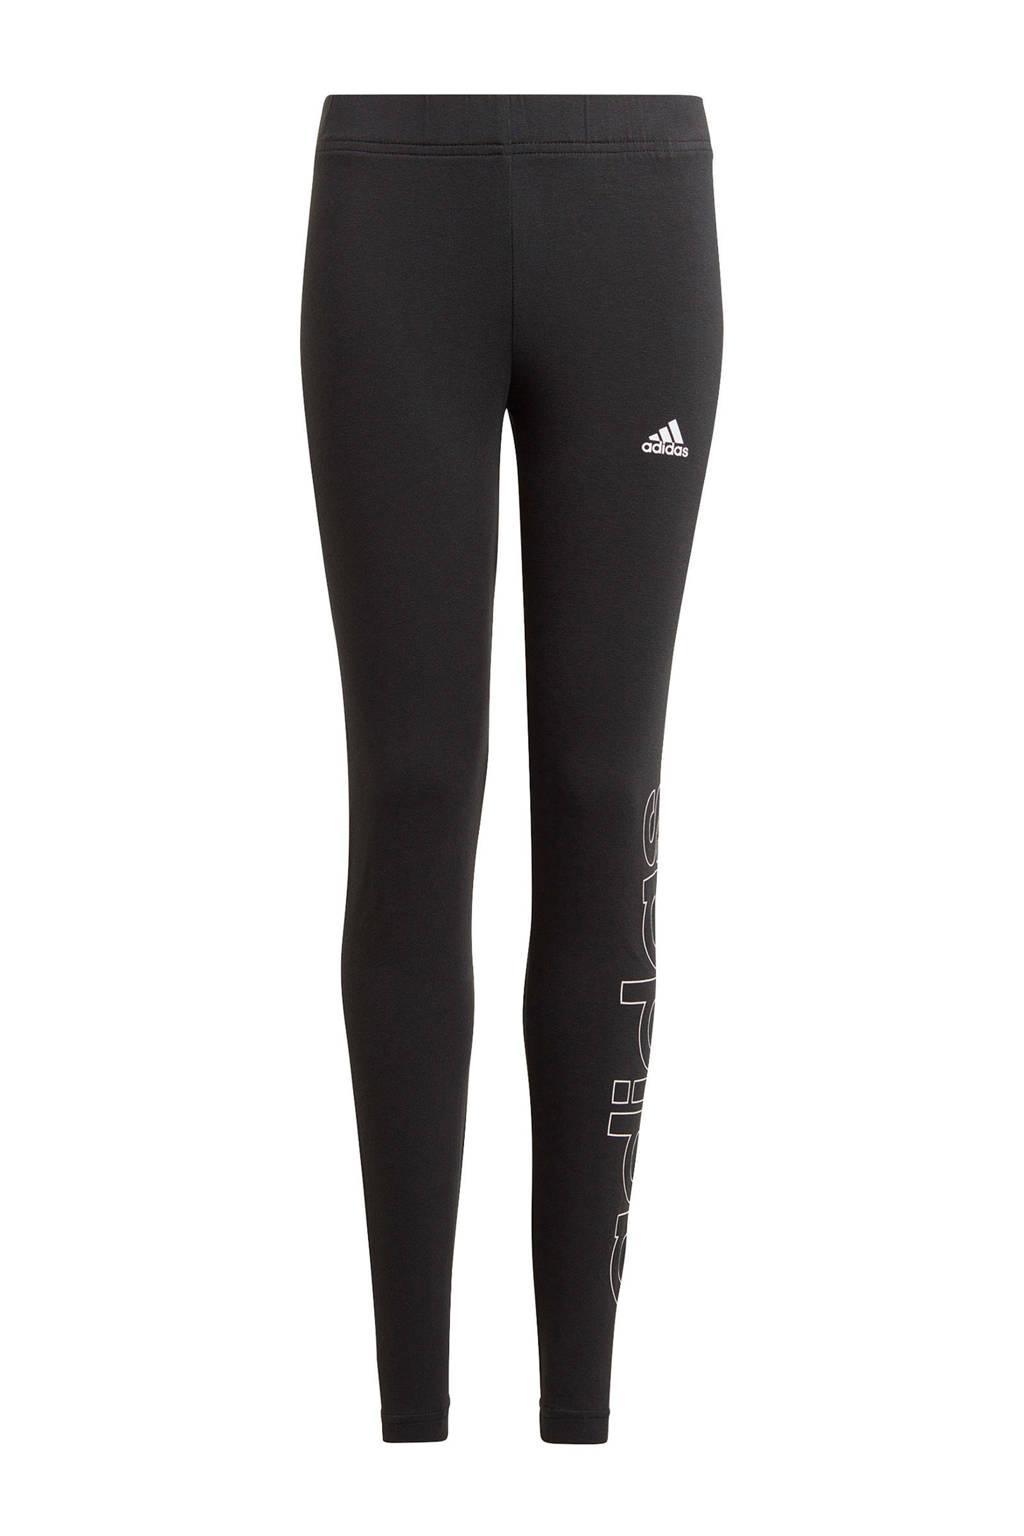 adidas Performance sportlegging zwart/wit, Zwart/wit